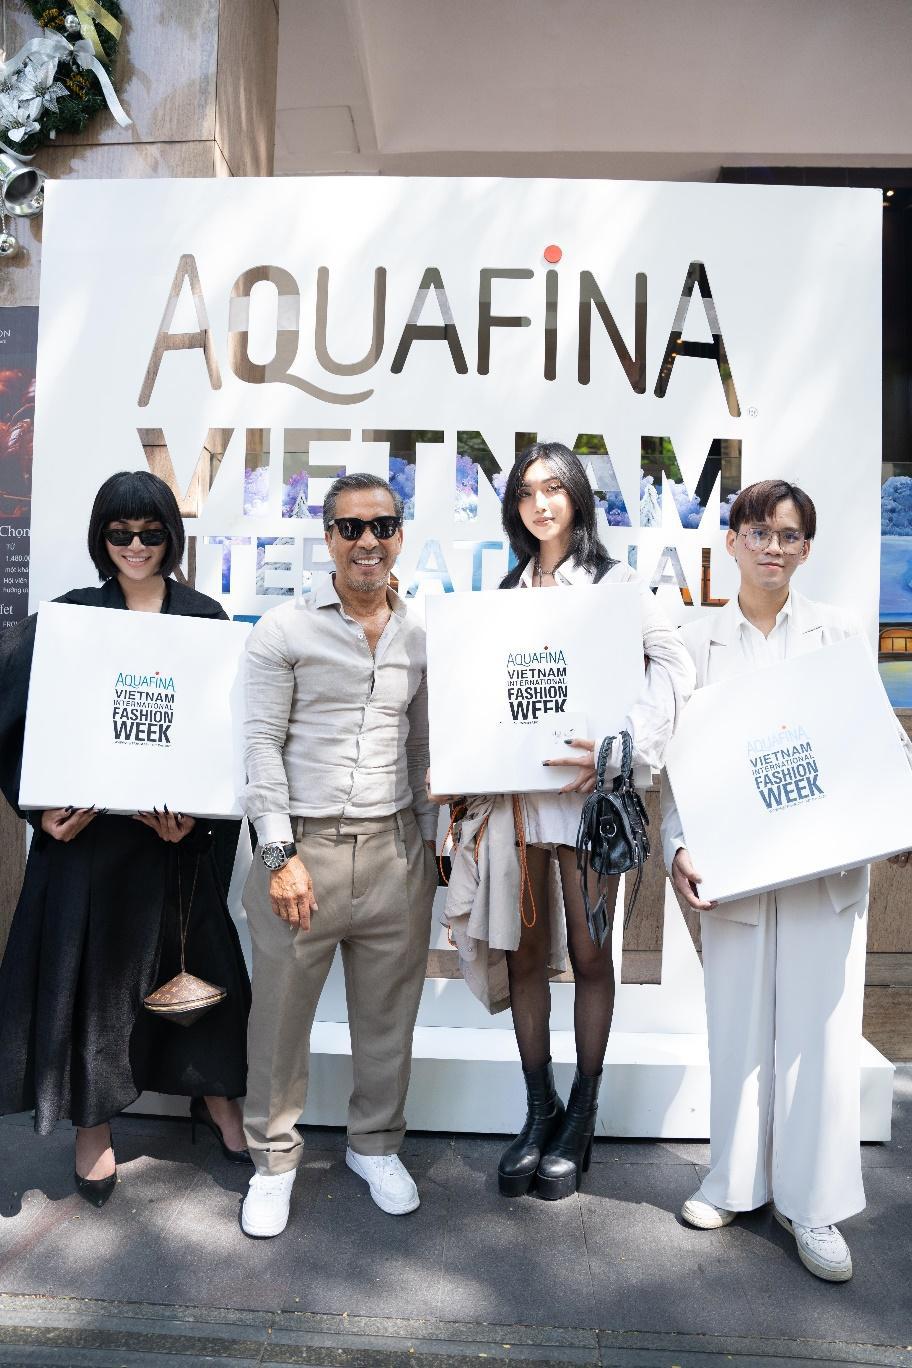 Ngắm Top 3 cuộc thi The Best Street Style của Aquafina Tuần lễ Thời trang Quốc tế Việt Nam 2020! - Ảnh 10.